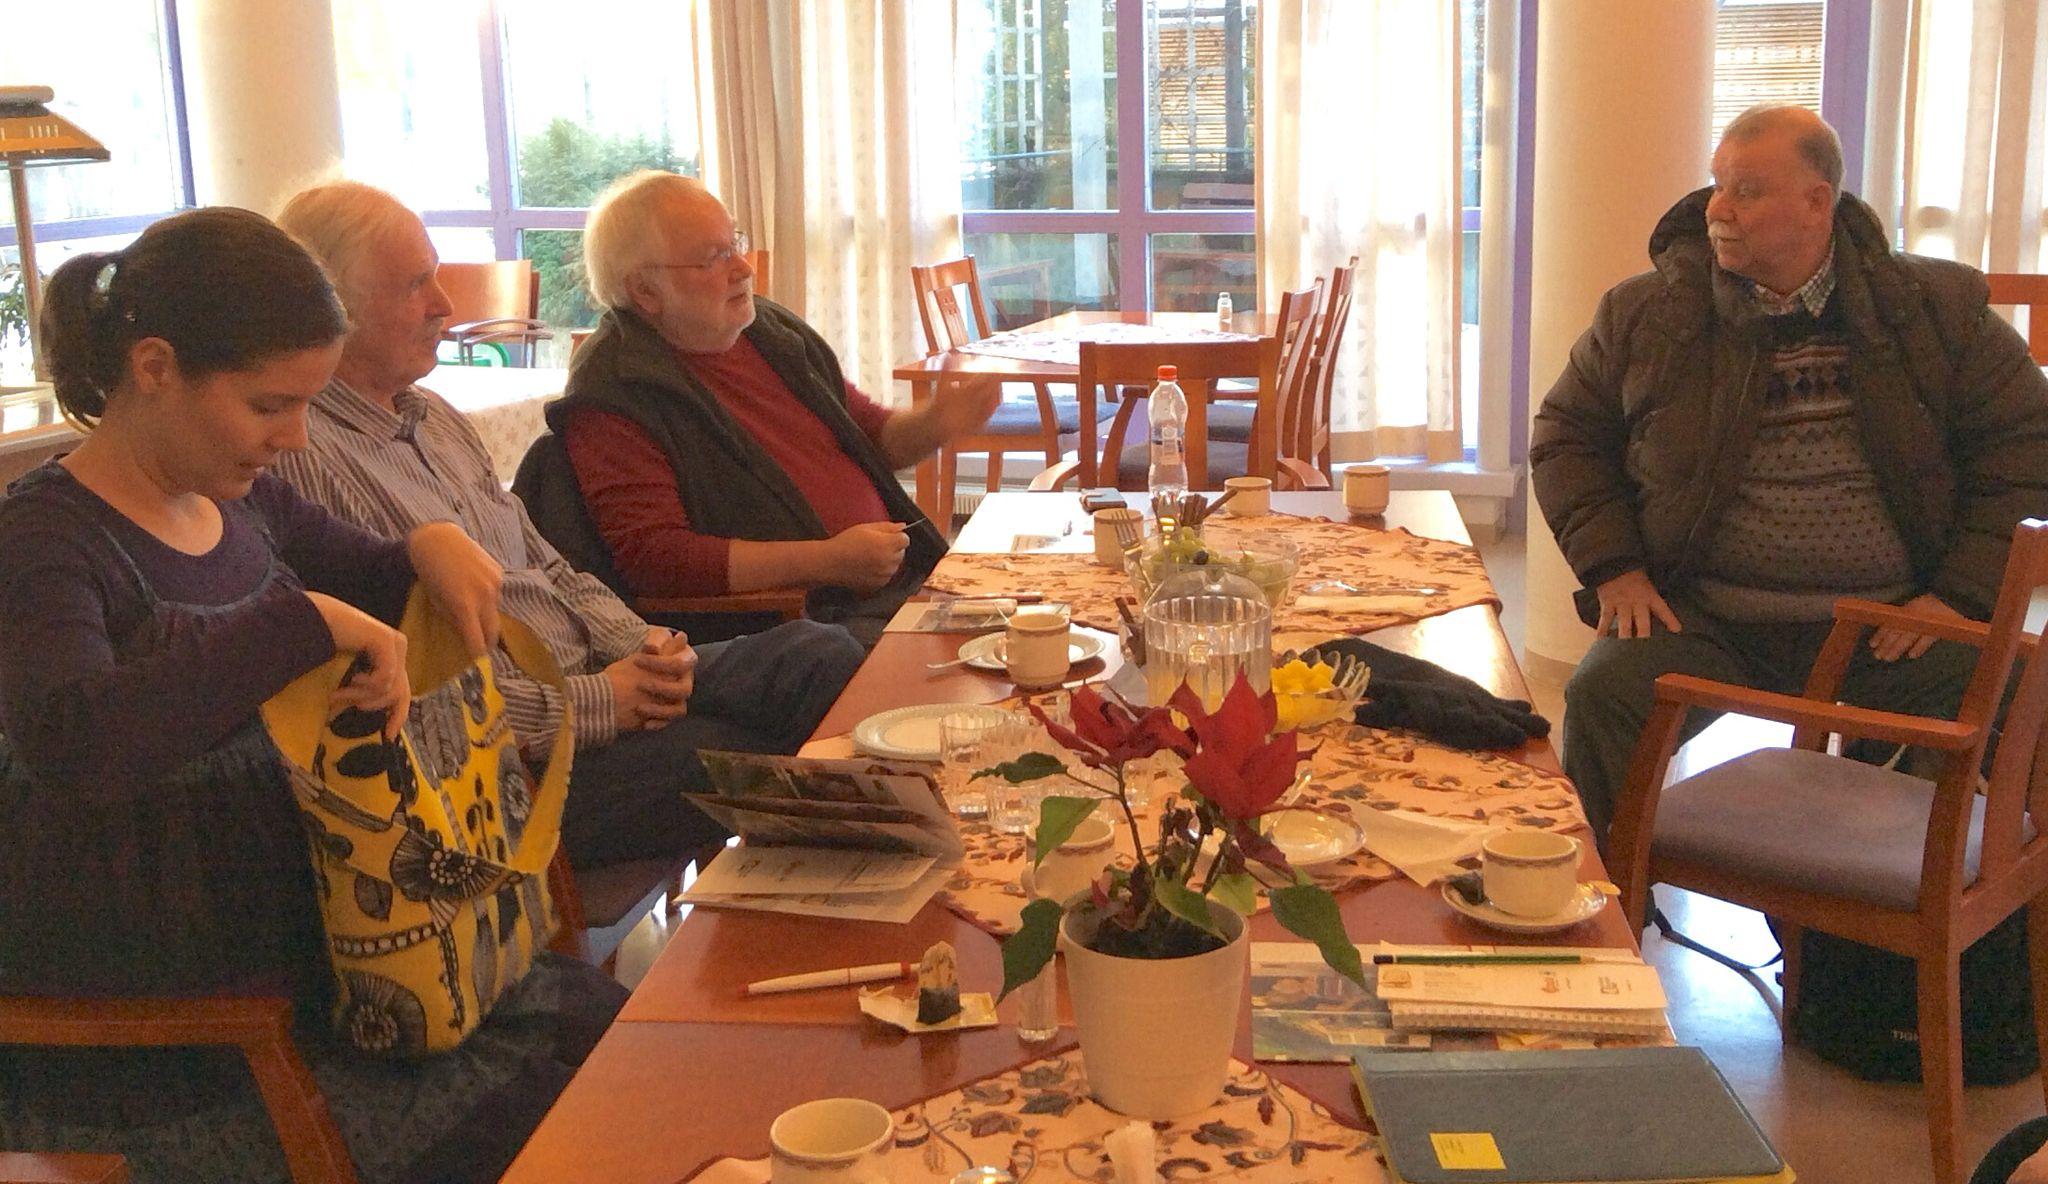 Kontulan palvelukeskuksen vapaaehtoiset atk-ohjaajat & sosiaaliohjaaja Elina kävivät tutustumassa SenioriVerkkoon ja iPadien mahdollisuuksiin 30.1.2015.